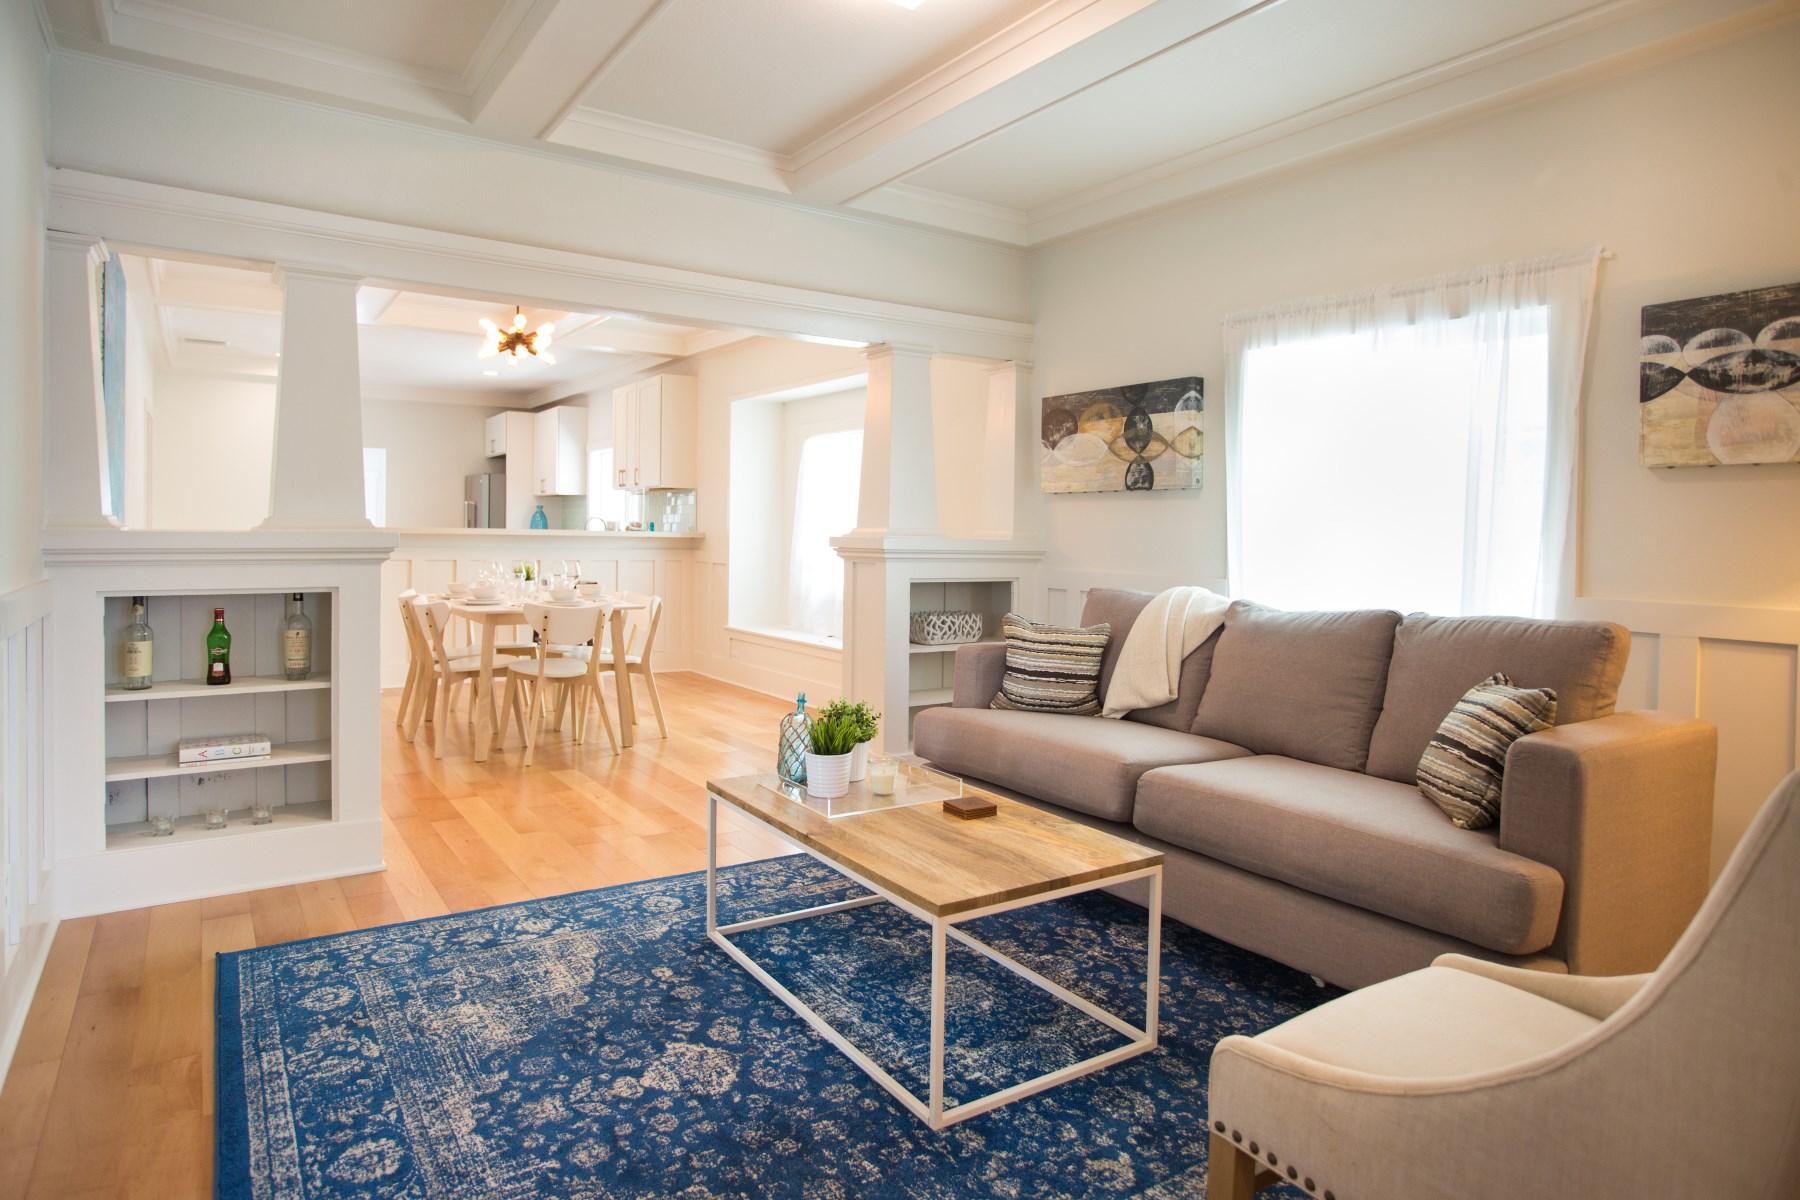 Частный односемейный дом для того Продажа на Vintage West Adams Transitional 3201 Montclair Street Los Angeles, Калифорния, 90018 Соединенные Штаты